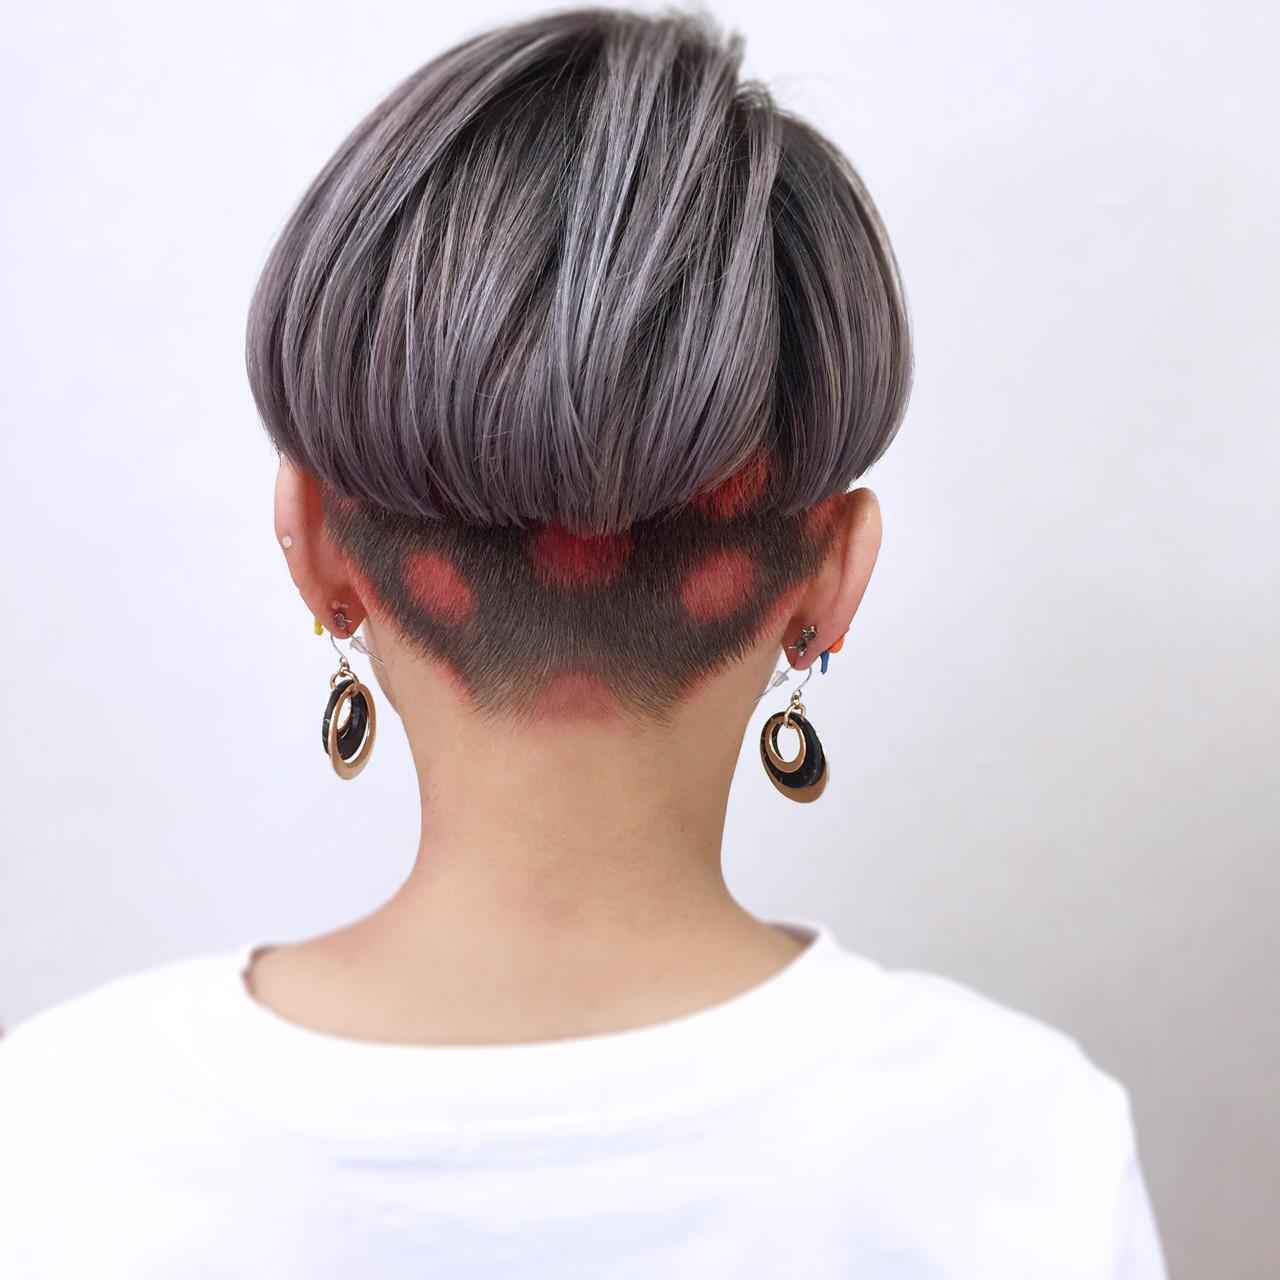 シルバー 個性的 モード ハイトーン ヘアスタイルや髪型の写真・画像